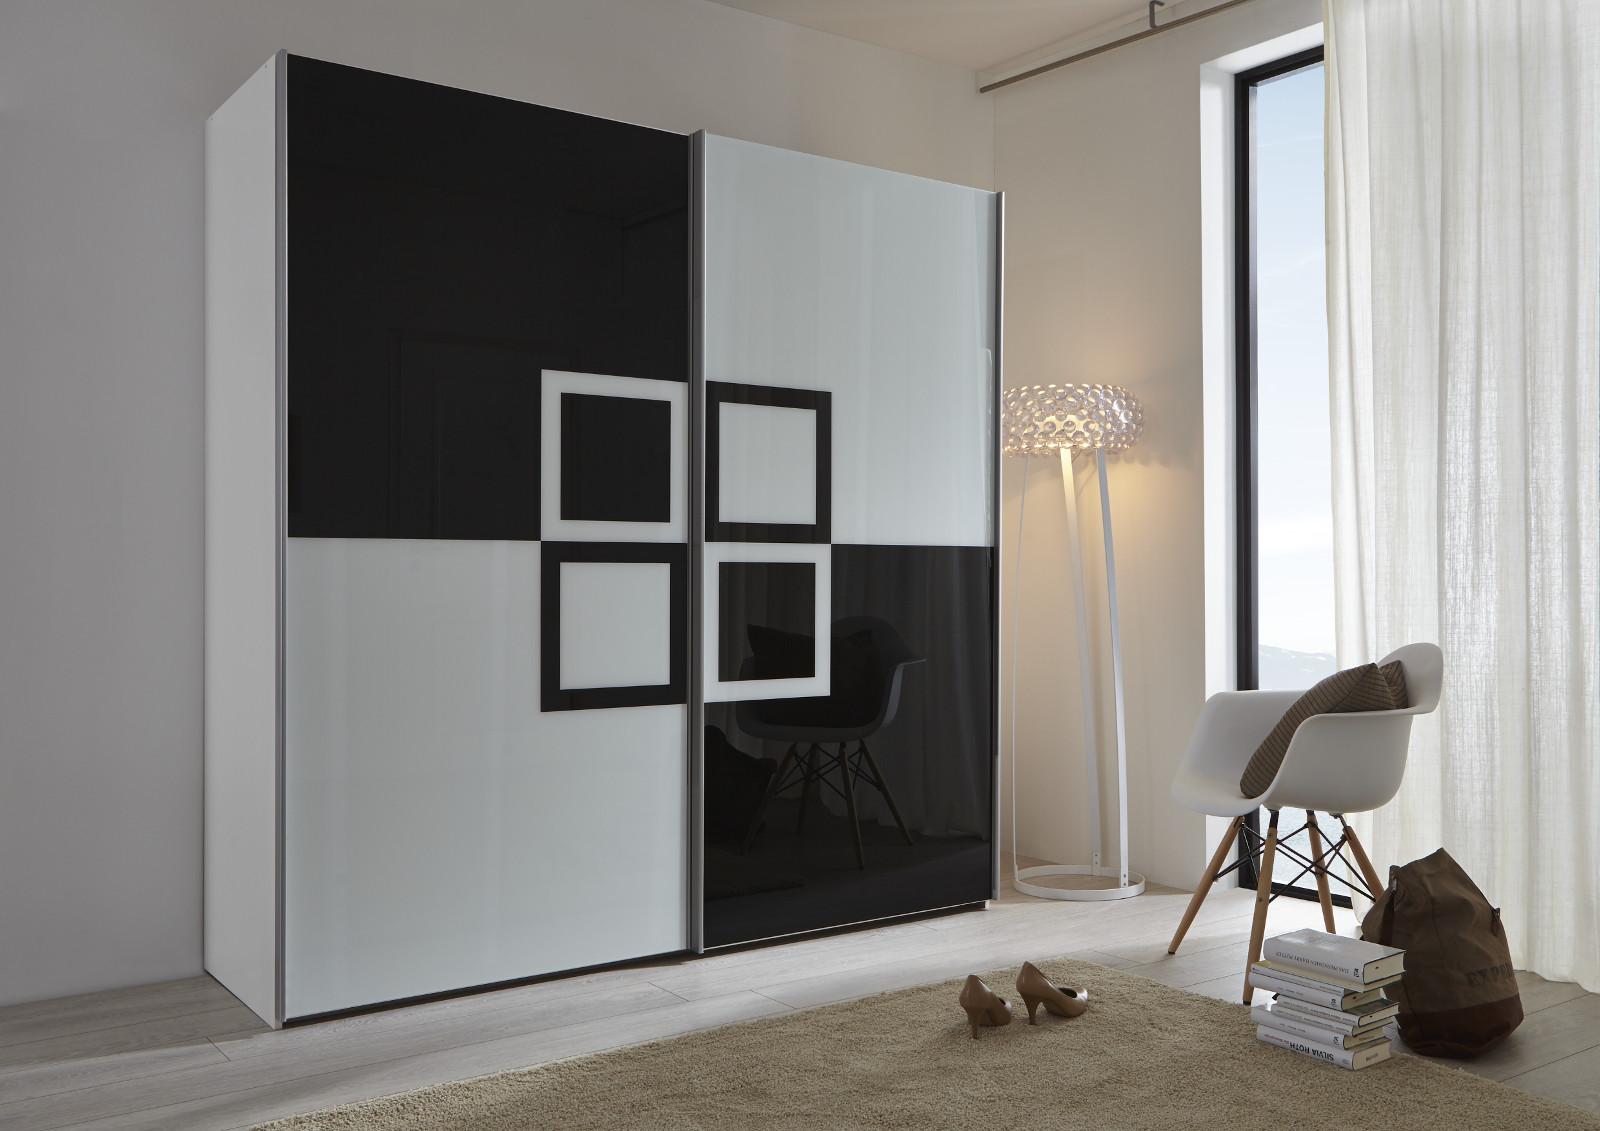 Schwebetürenschrank spiegel schwarz  Schwebetürenschrank schwarz Spiegel Rundspiegel